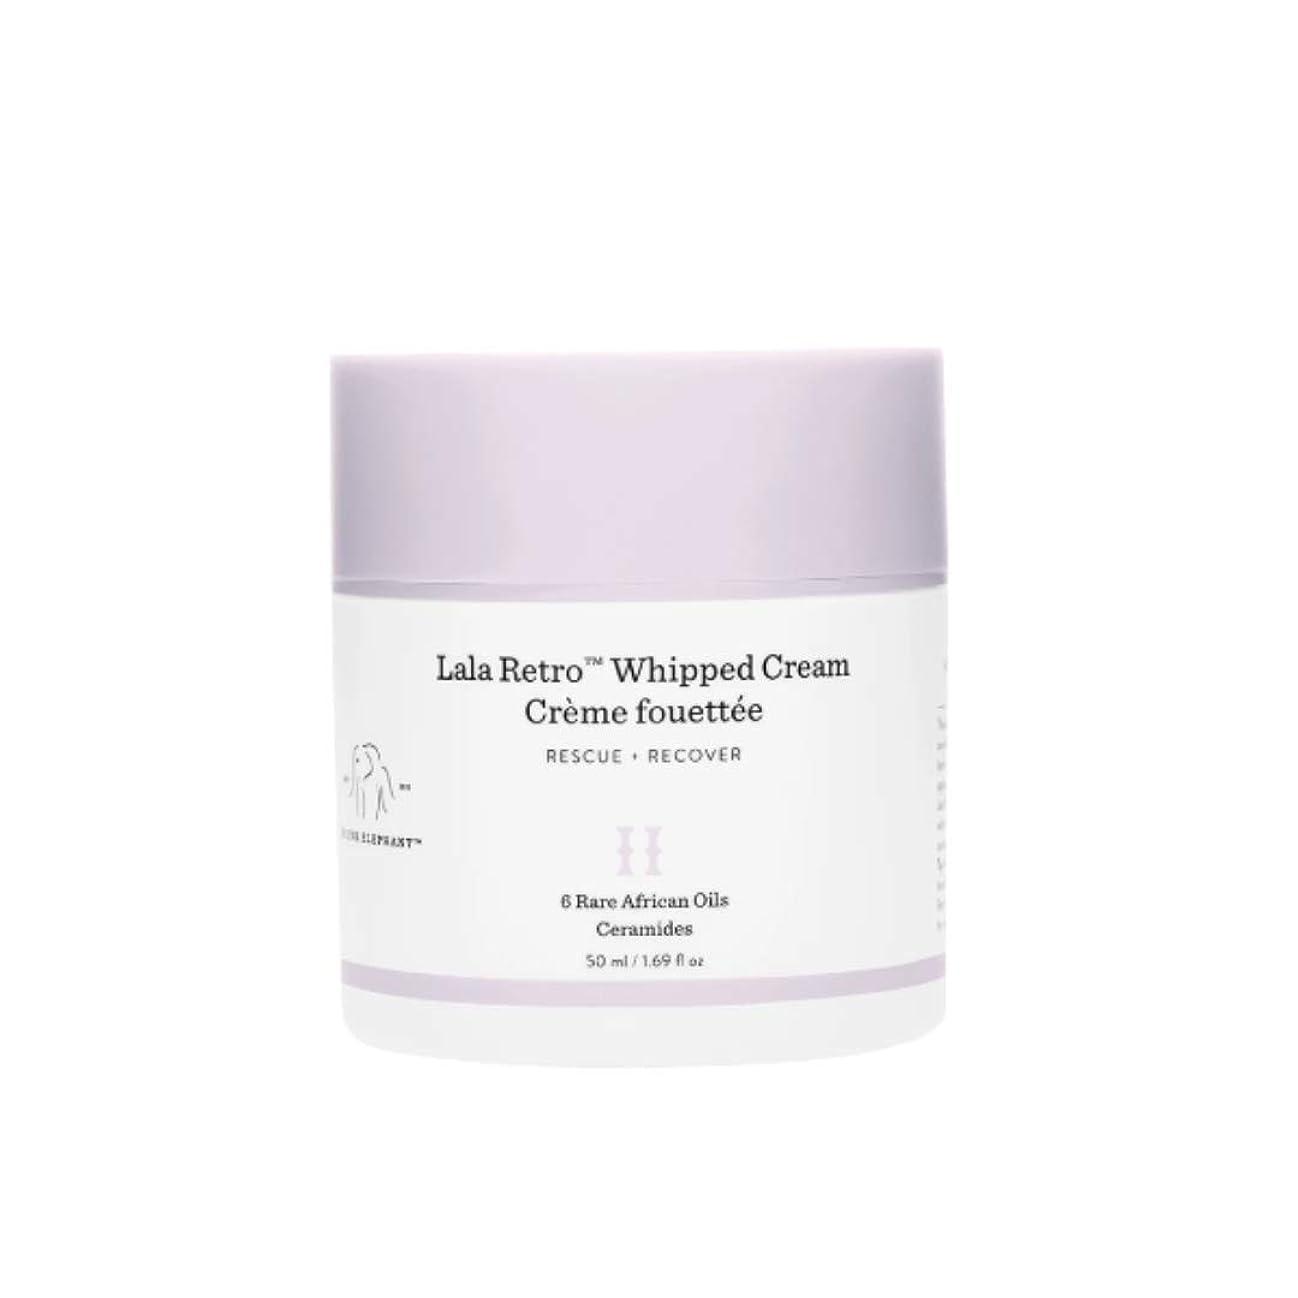 頭痛汚染された社員DRUNK ELEPHANT Lala Retro Whipped Cream 1.69 oz/ 50 ml ドランクエレファント ララレトロ ホイップドクリーム 1.69 oz/ 50 ml